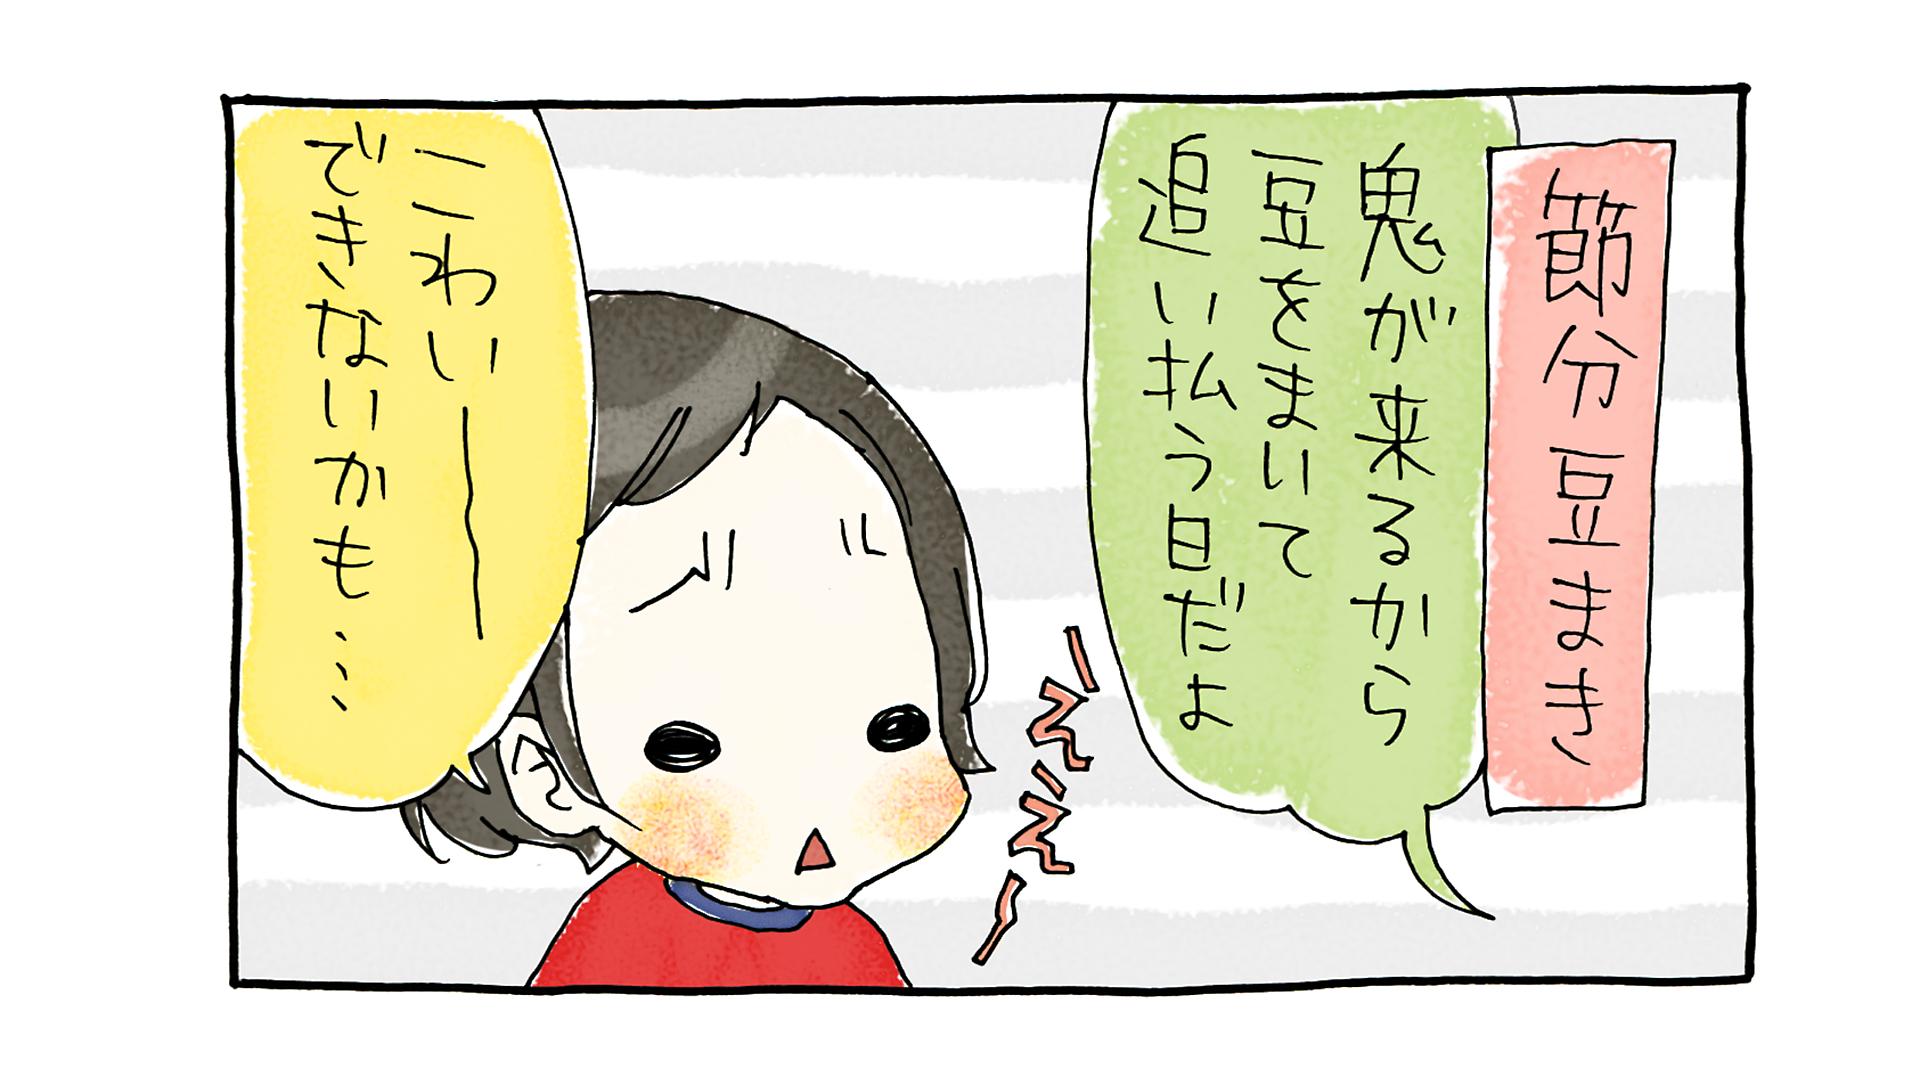 【漫画動画】3歳6ヶ月の節分